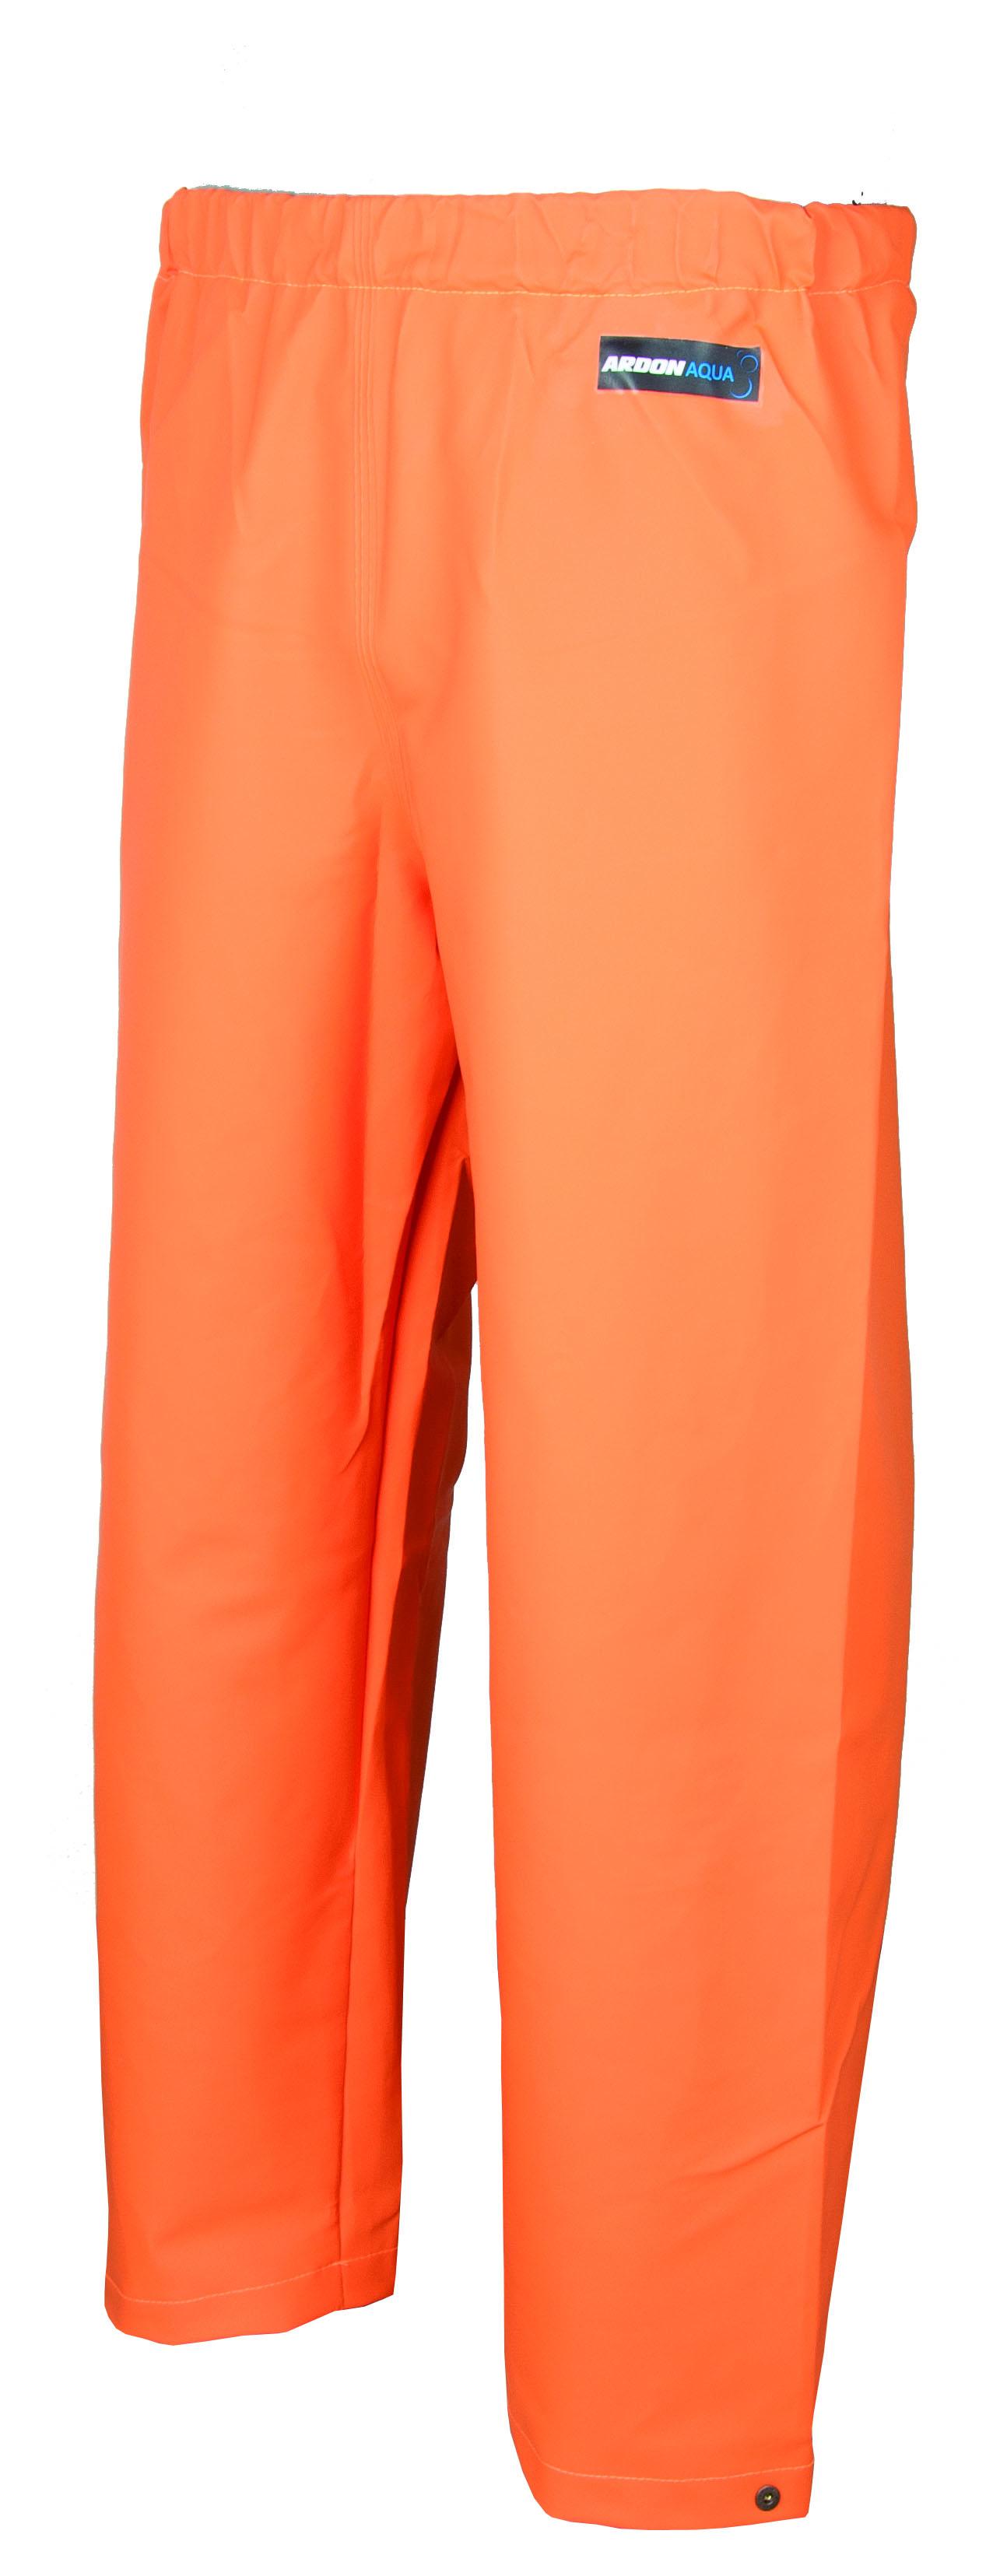 Kalhoty pas ARDON AQUA 112 oranžové L